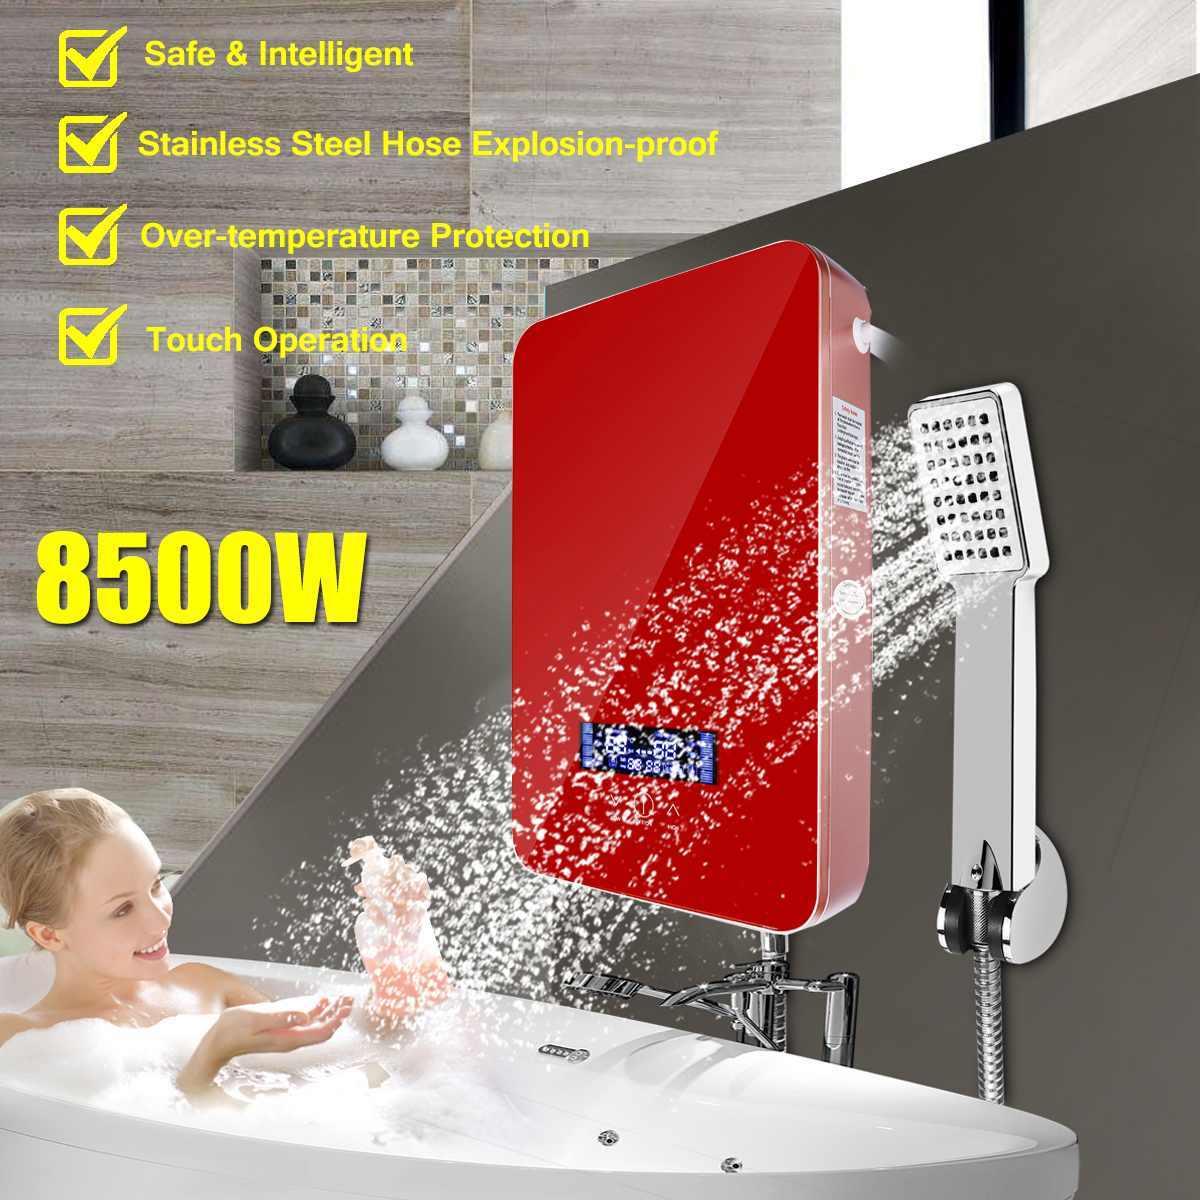 8500W 220V chauffe-eau électrique instantané sans réservoir chaudière salle de bain douche ensemble sûr et Intelligent suspendu opération tactile